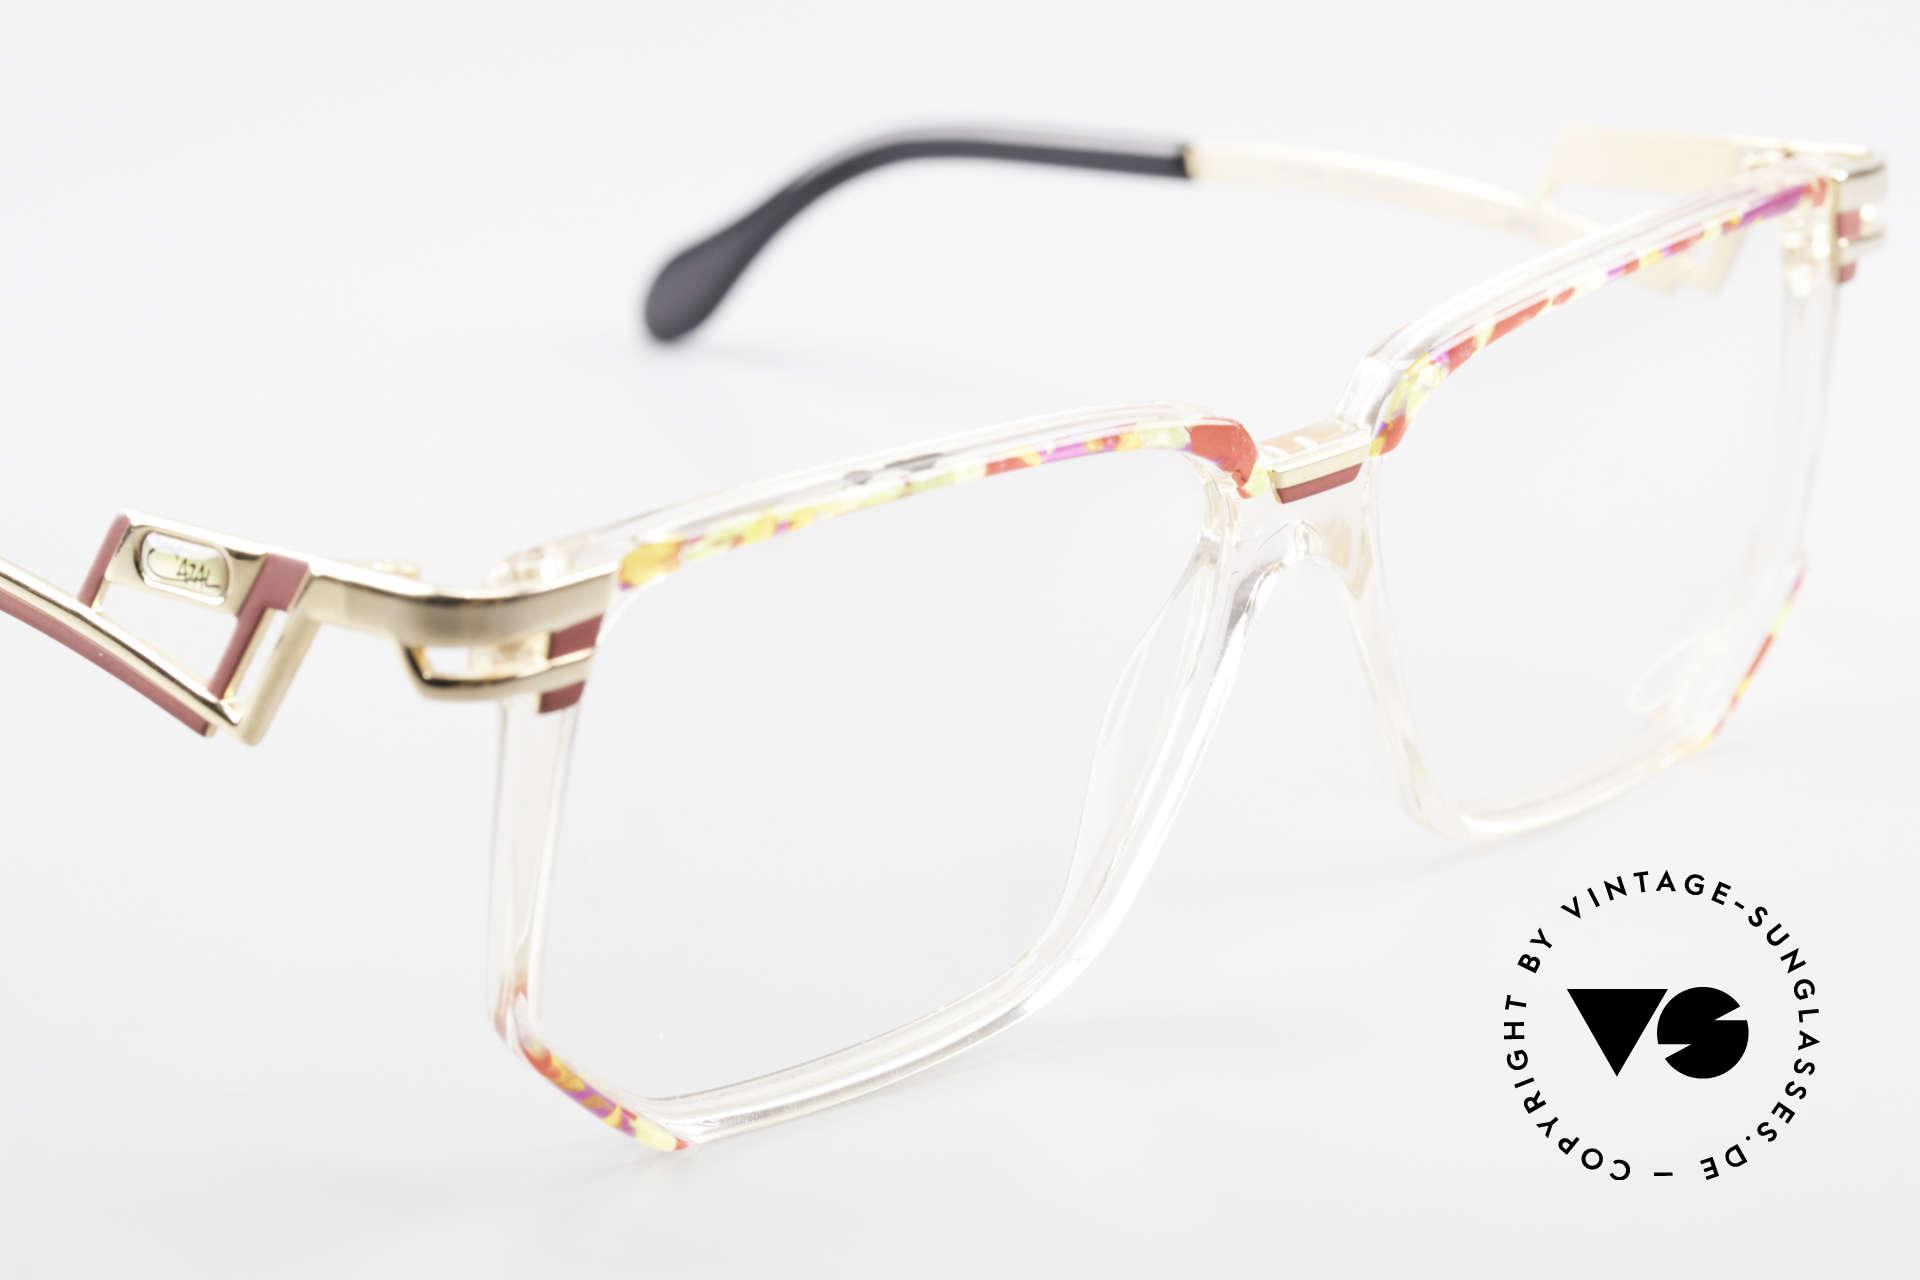 Cazal 351 Original Vintage Cazal HipHop, KEINE RETRObrille; ein mind. 25 Jahre altes Original, Passend für Damen